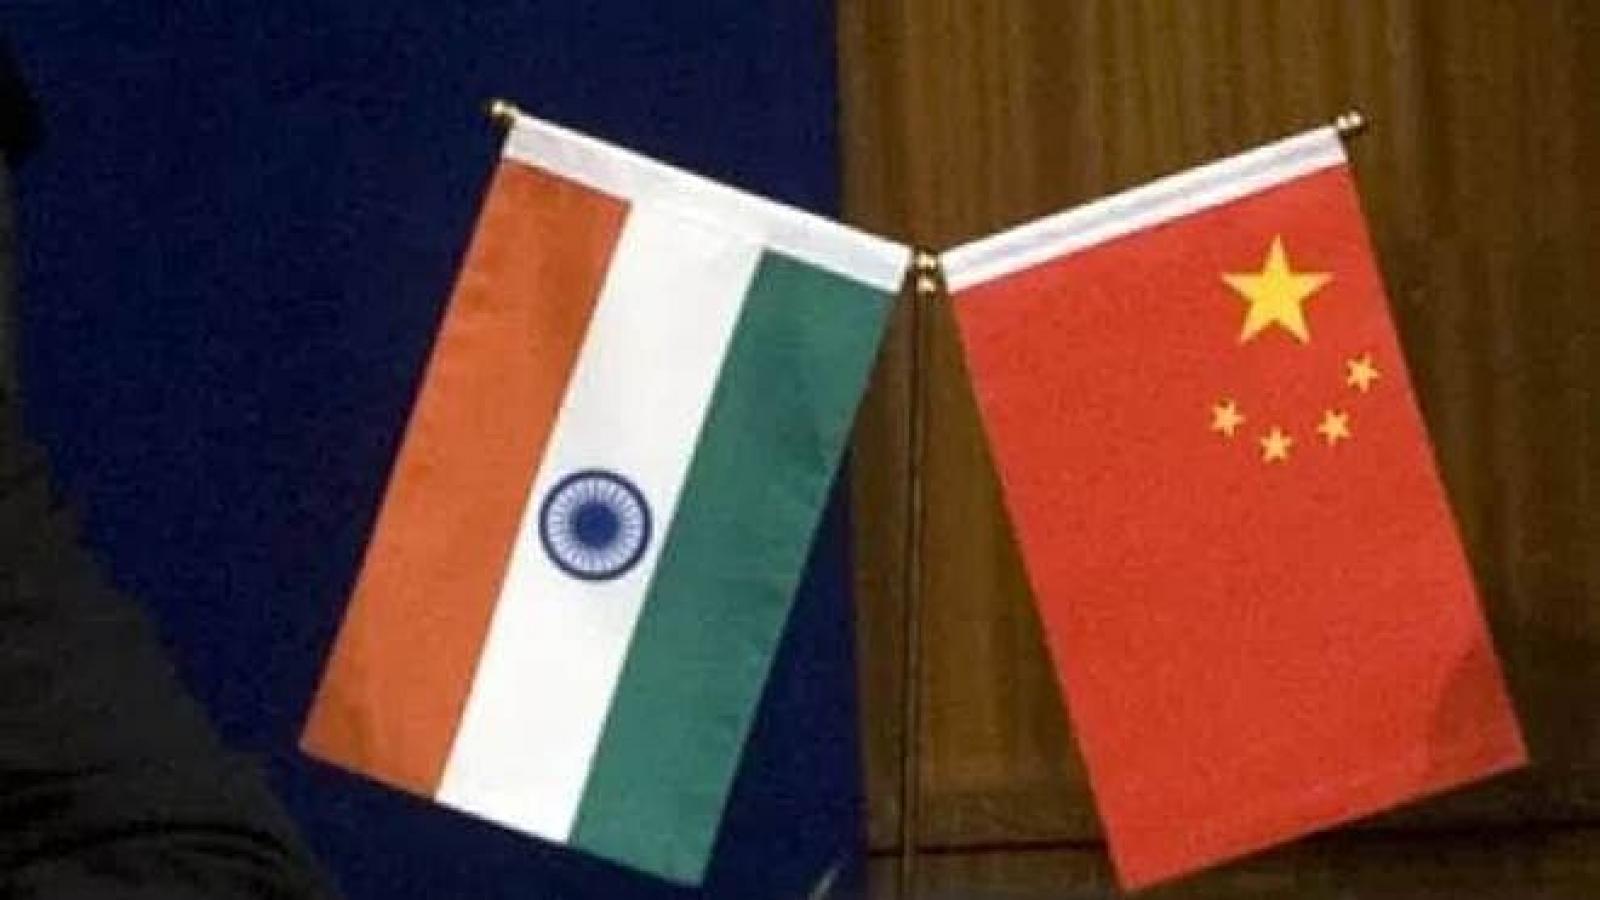 Ấn Độ - Trung Quốccó thể sắp đạt được thỏa thuận rút quân tại biên giới